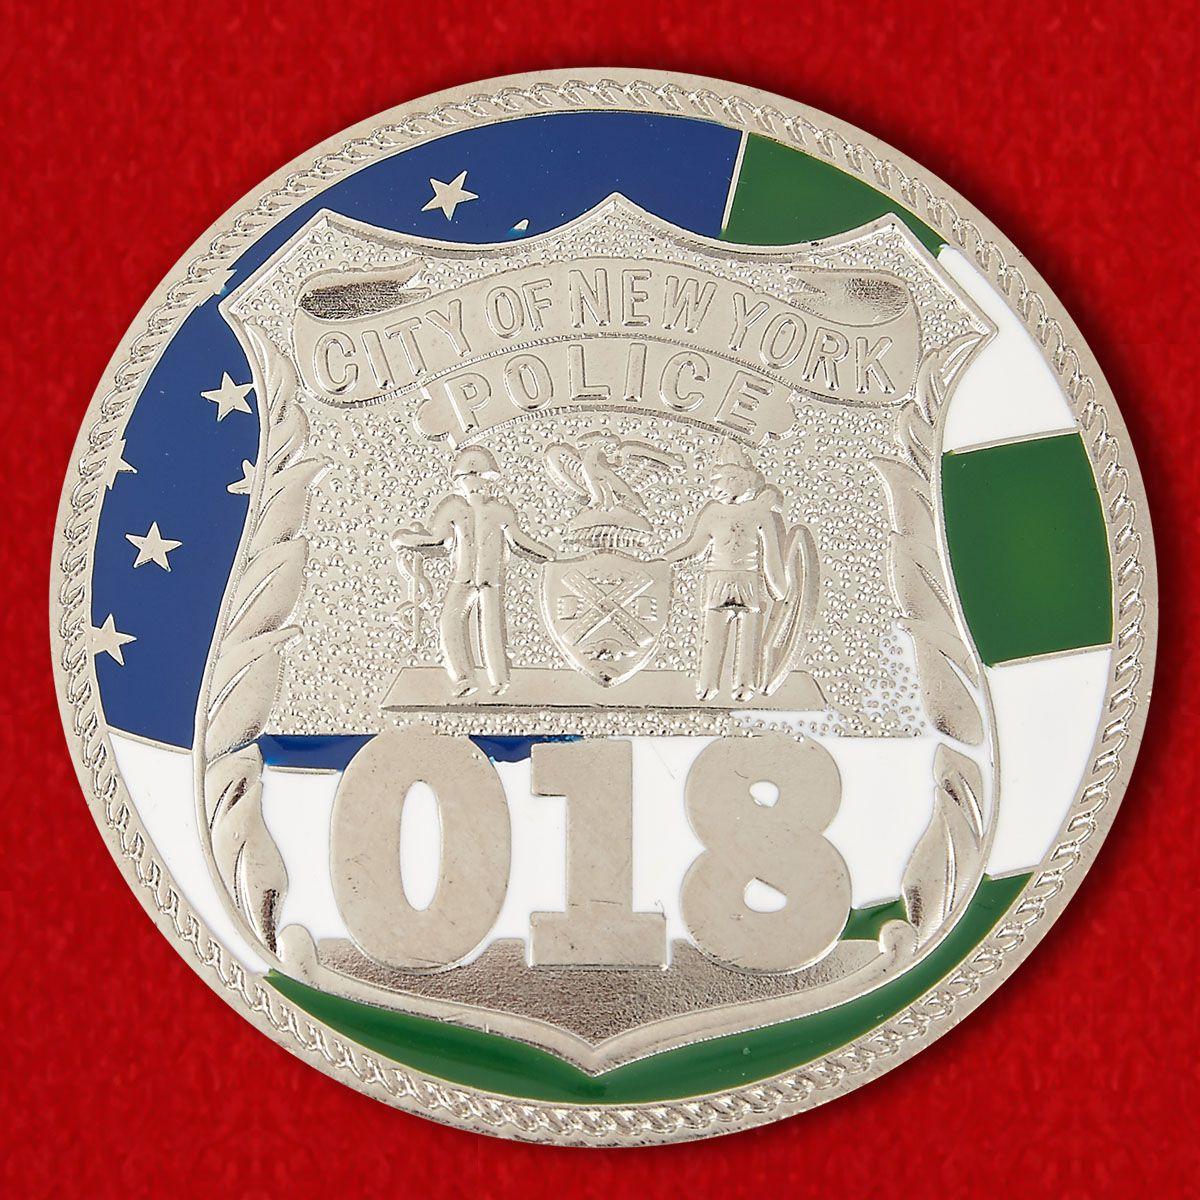 Челлендж коин 18-го участка полиции Нью-Йорка